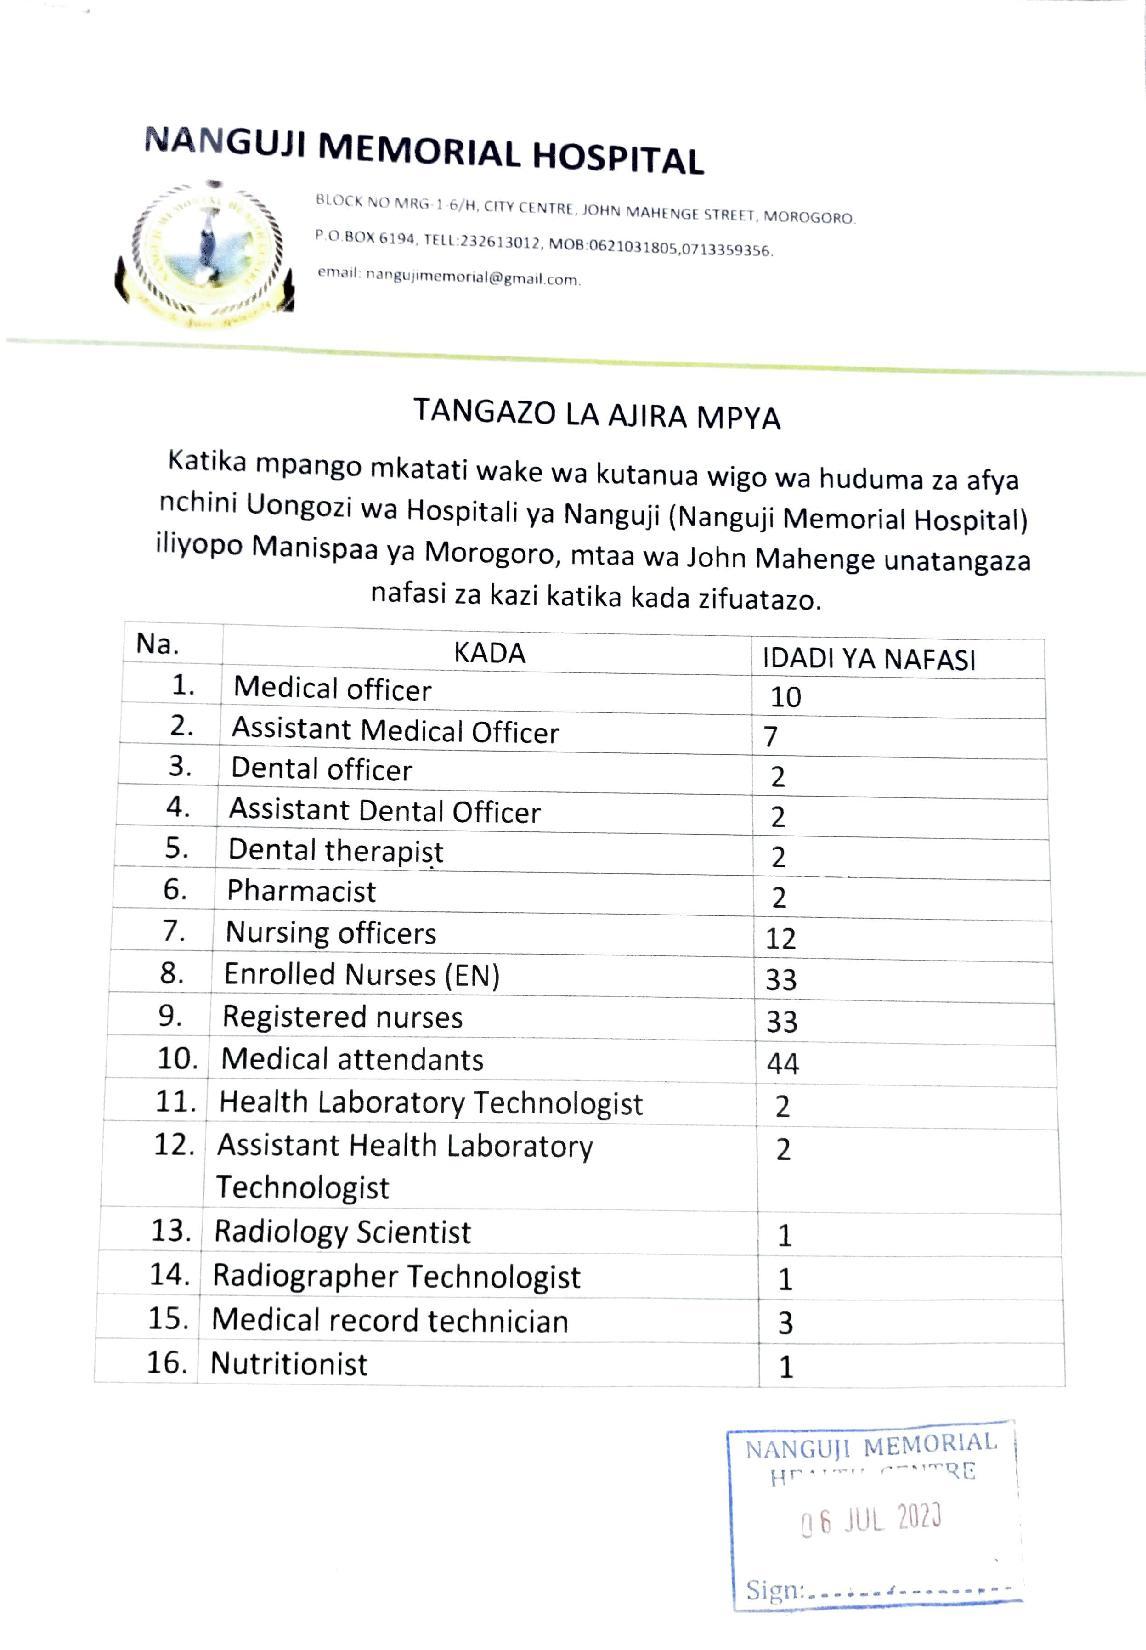 nafasi za kazi Hospitali ya Nanguji (Nanguji Memorial Hospital) iliyopo Manispaa ya Morogoro